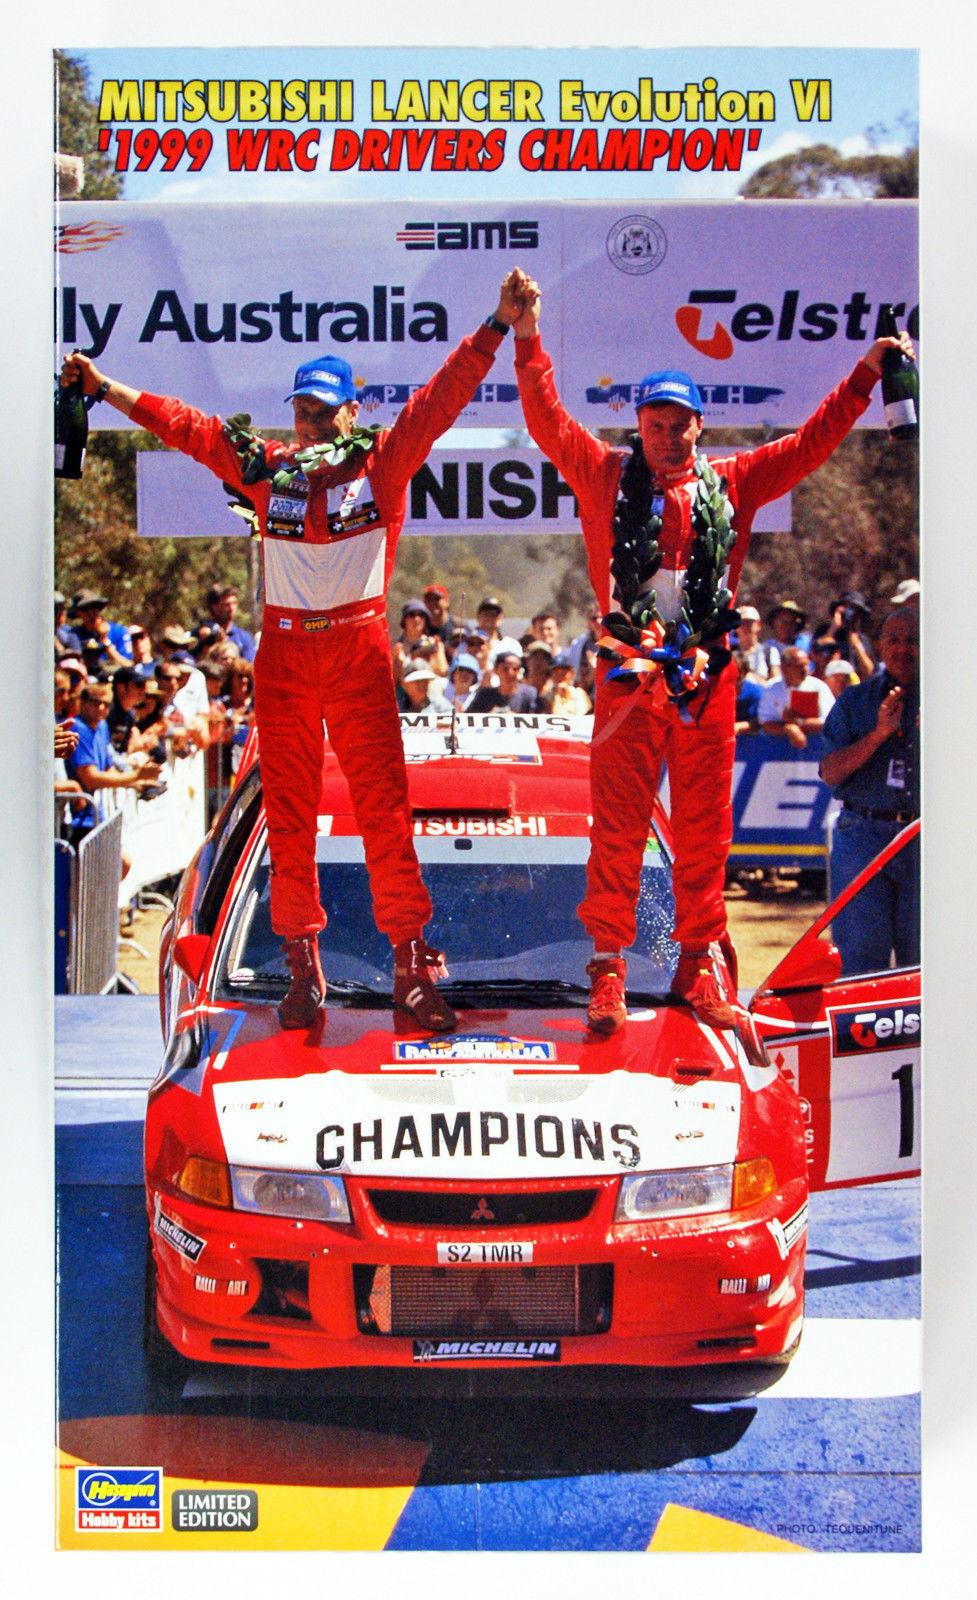 HASEGAWA 1 24 MITSUBISHI LANCER EVOLUTION VI 1999 WRC DRIVERS CHAMPION  20303